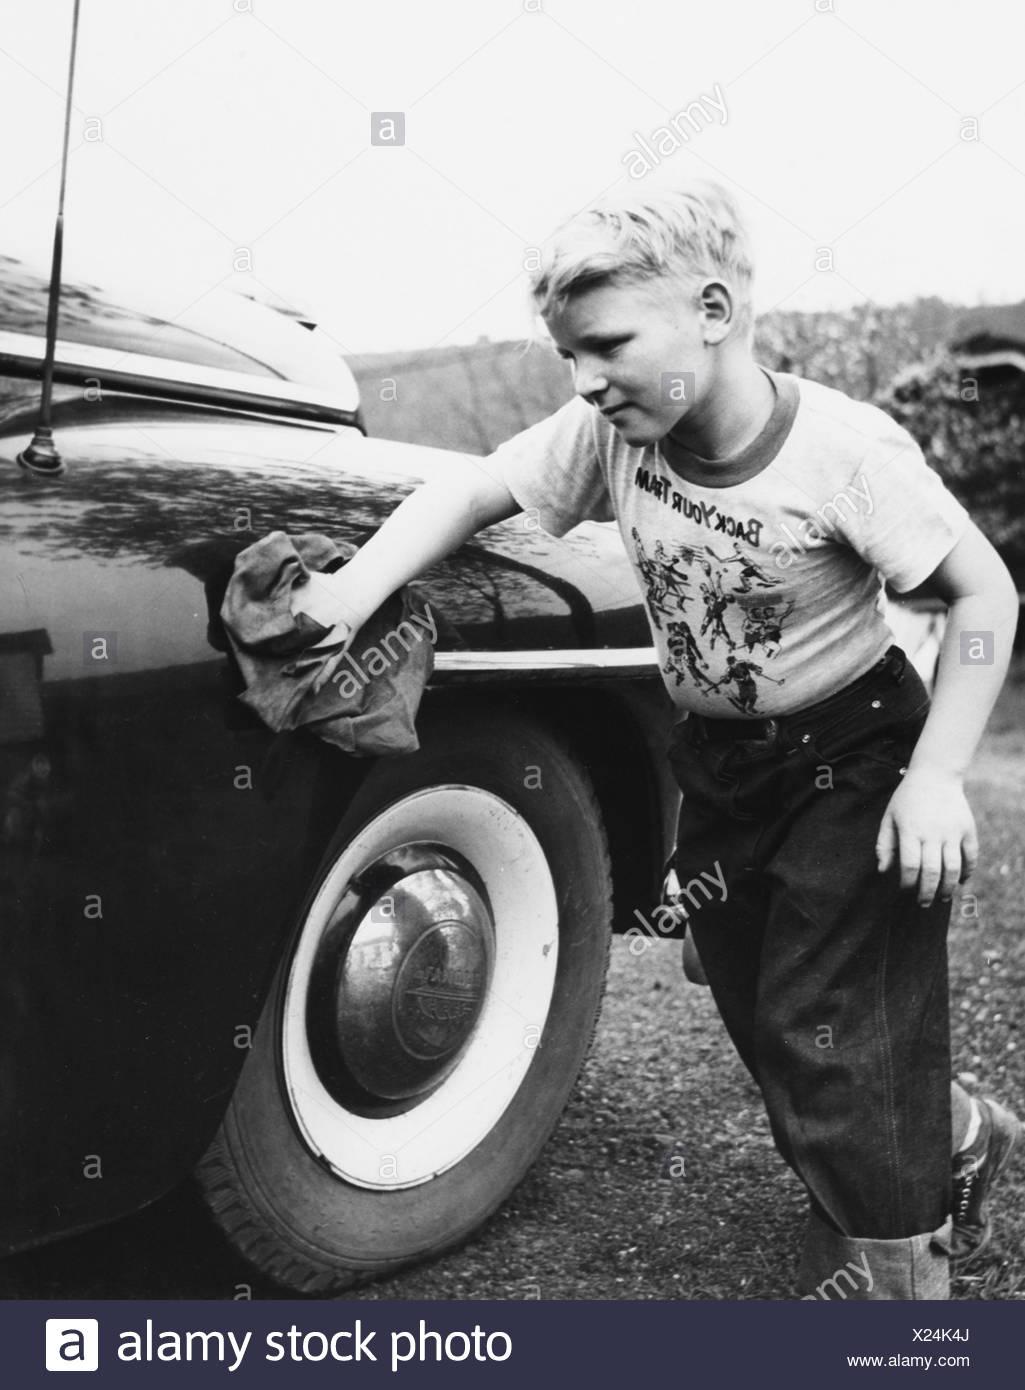 Washing the car - Stock Image